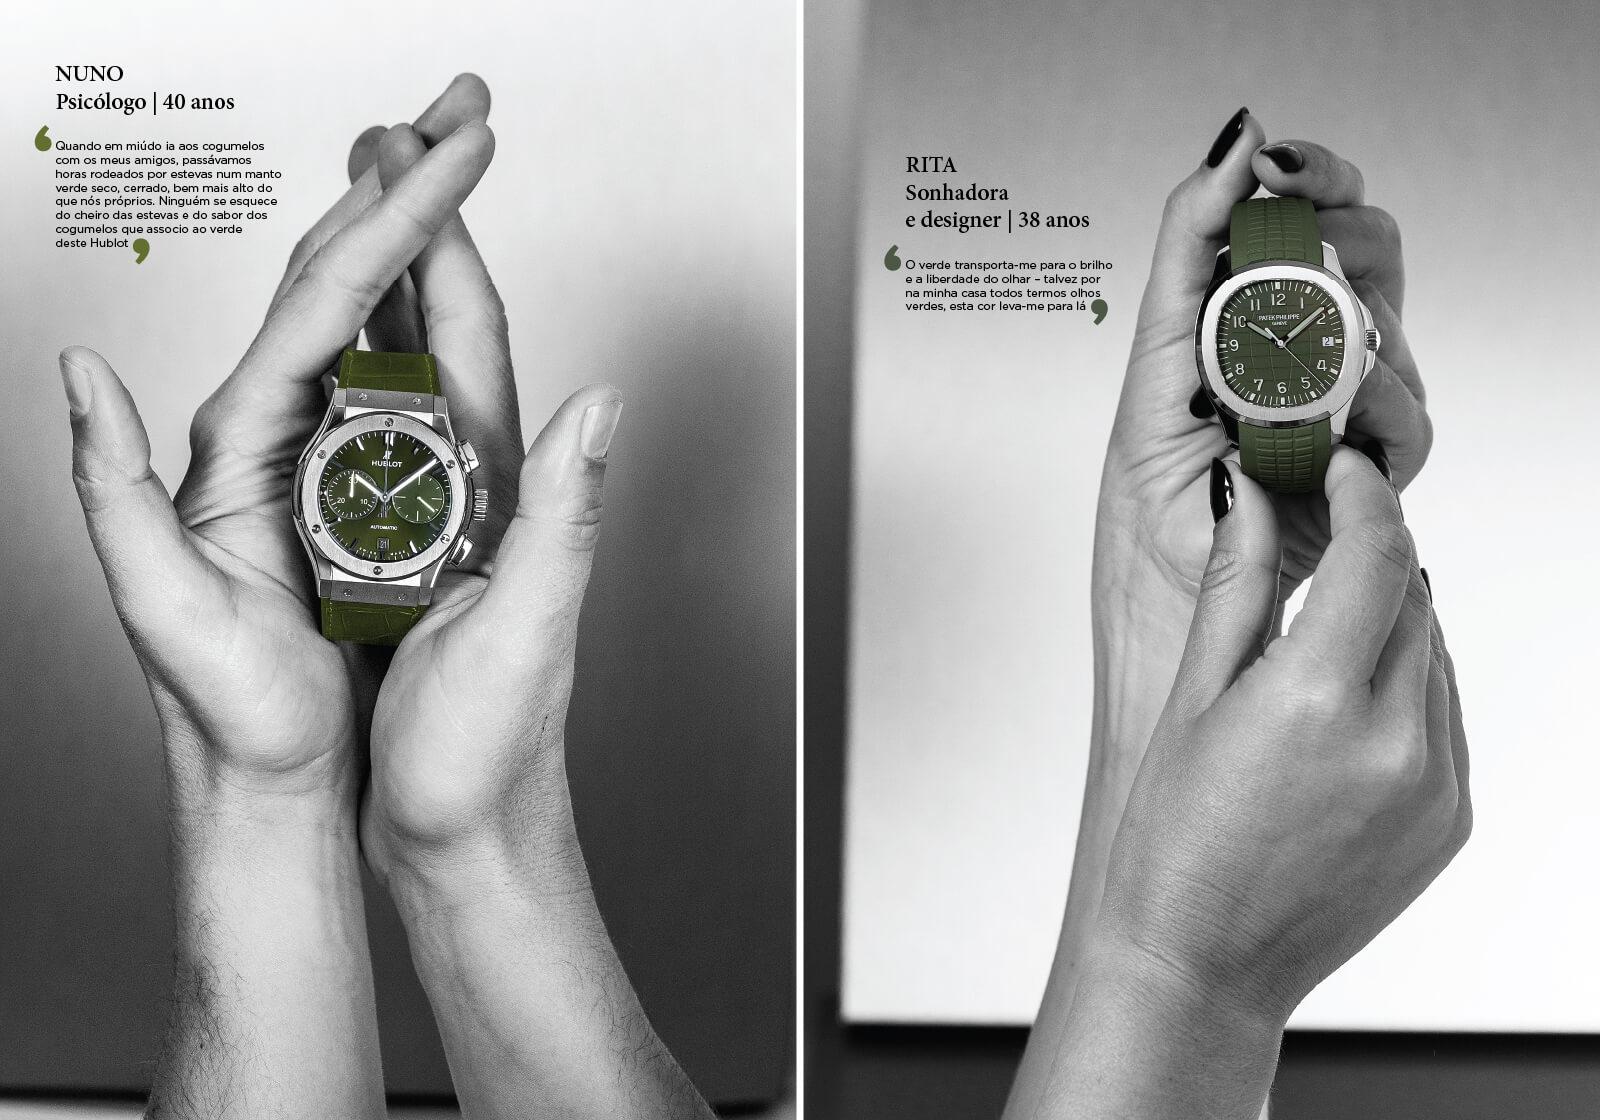 Hublot Classic Fusion Chronograph Titanium Green & Patek Philippe Aquanaut, segurados pelas mãos de homem à esquerda e de uma mulher à direita, mãos e fundo a preto e branco, relógios a cores | © Paulo Pires / Espiral do Tempo